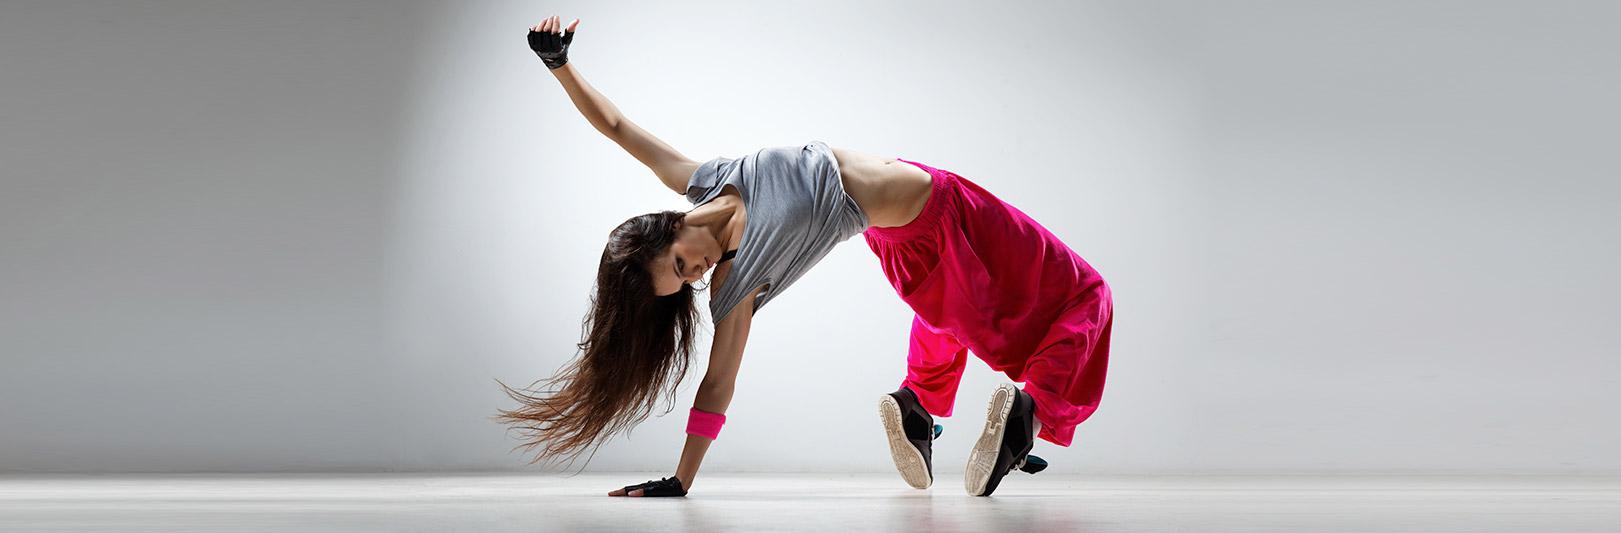 zumba tanzschule kurse muenchen 01 - Zumba